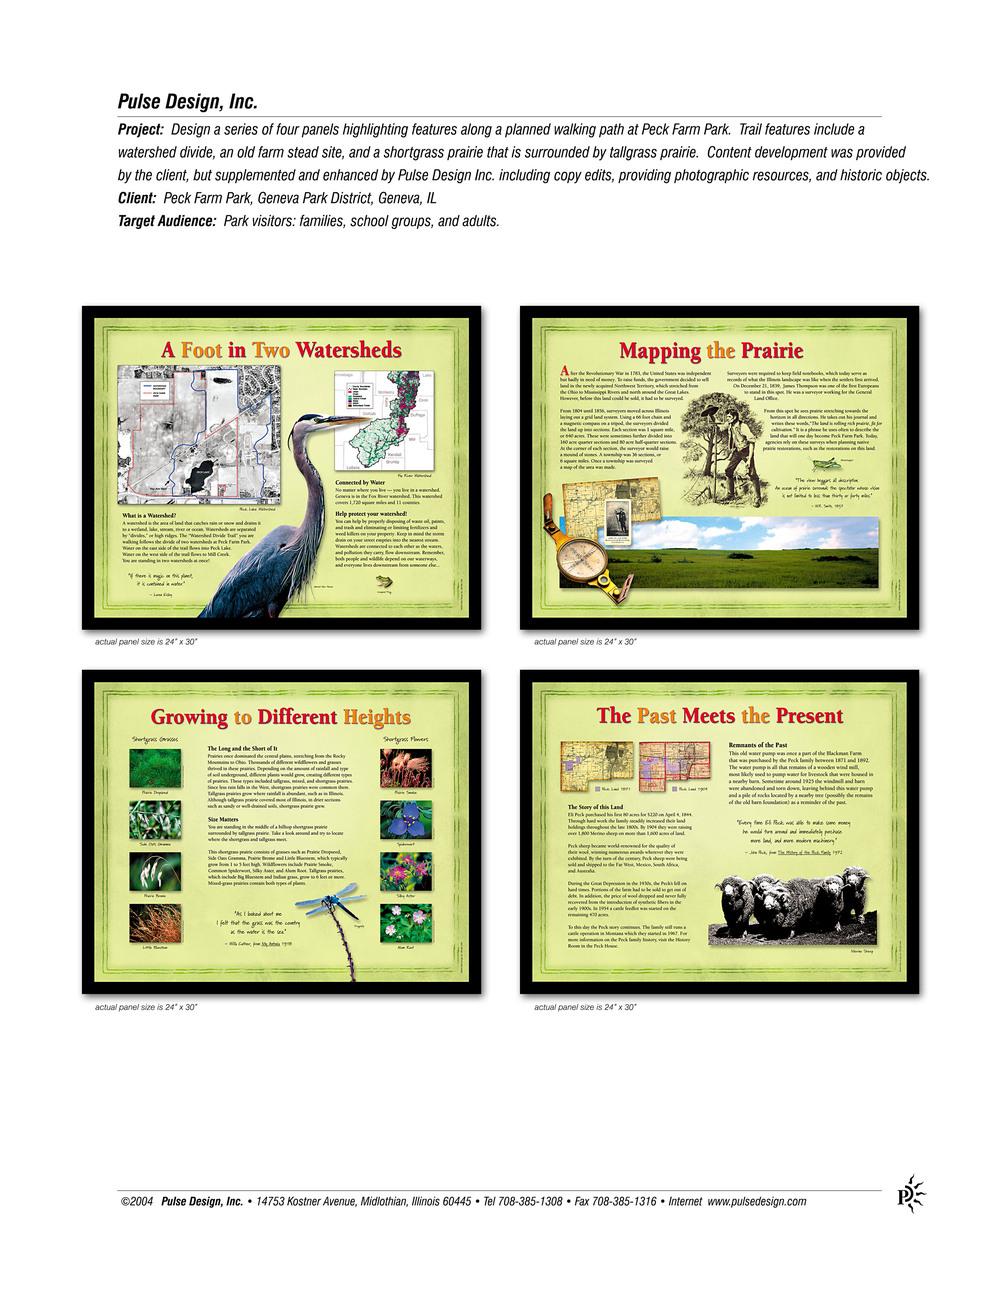 Peck-Farm-Park-Prairie-Signs-Pulse-Design-Inc.jpg